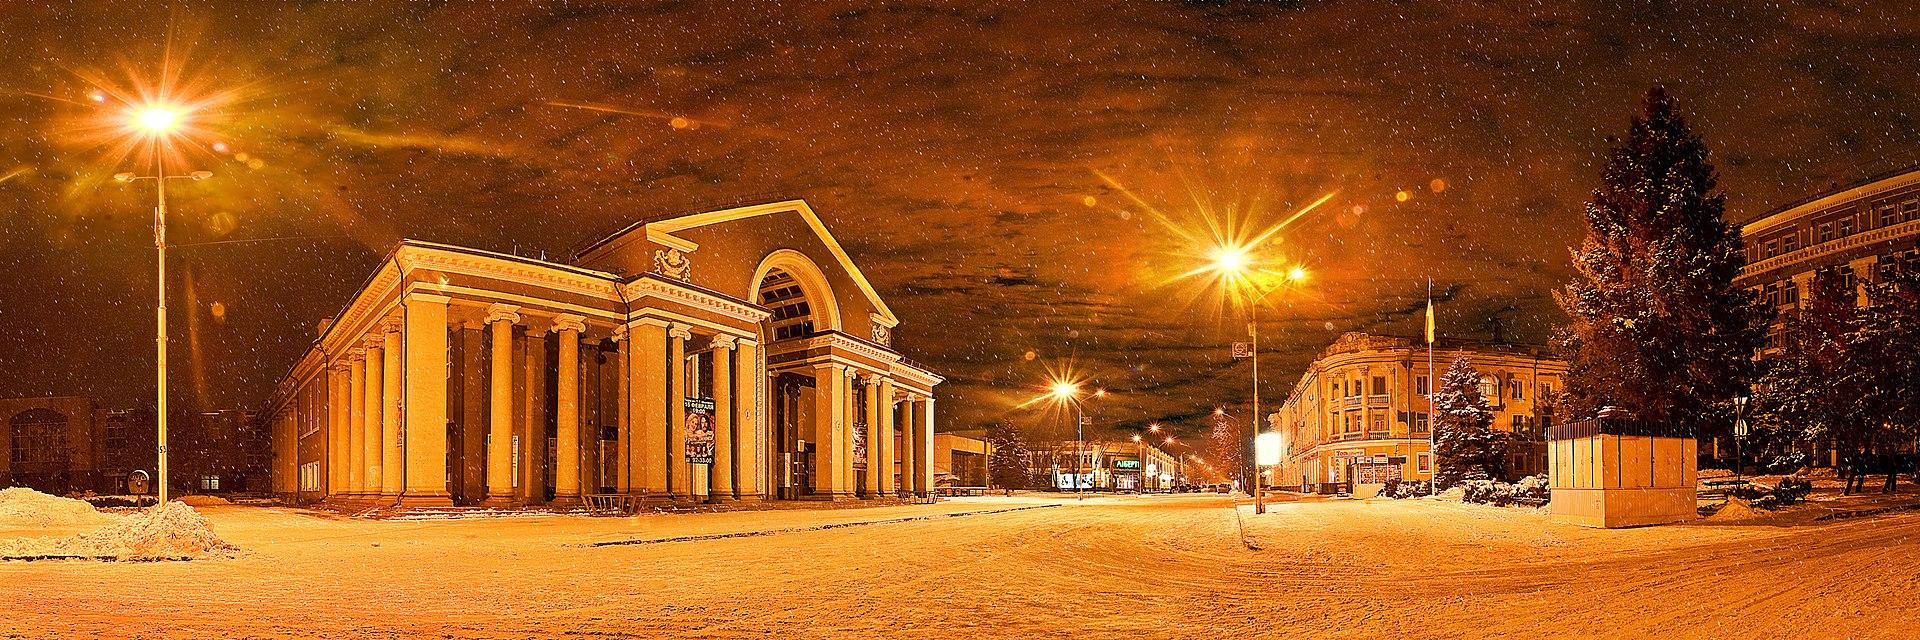 Городской театр имени Шевченко